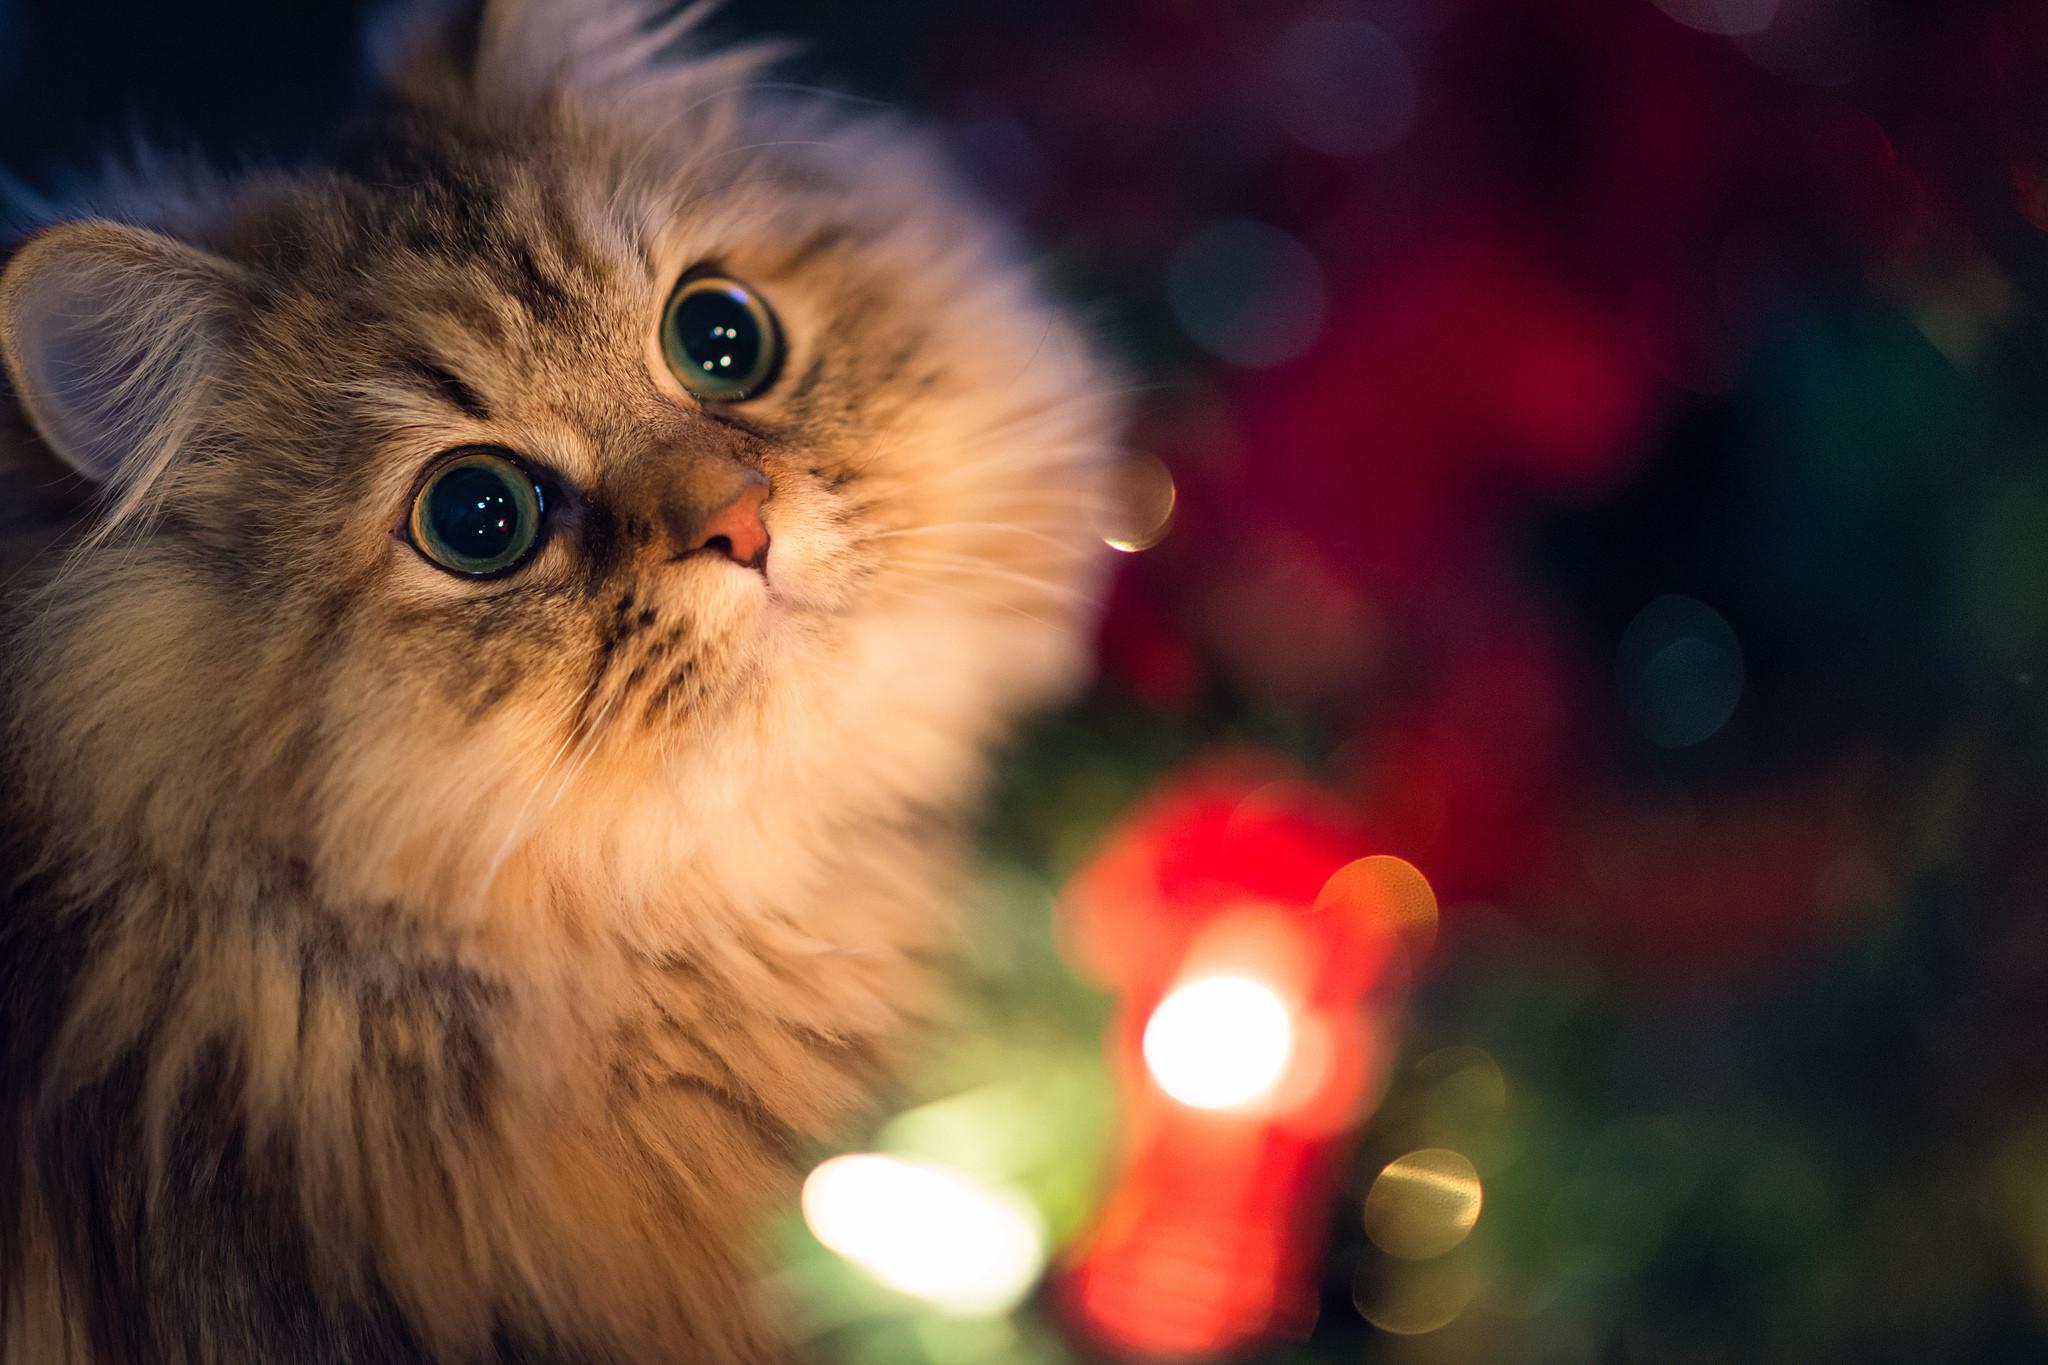 Beautiful Innocent Eyes Cute Cat Wallpaper